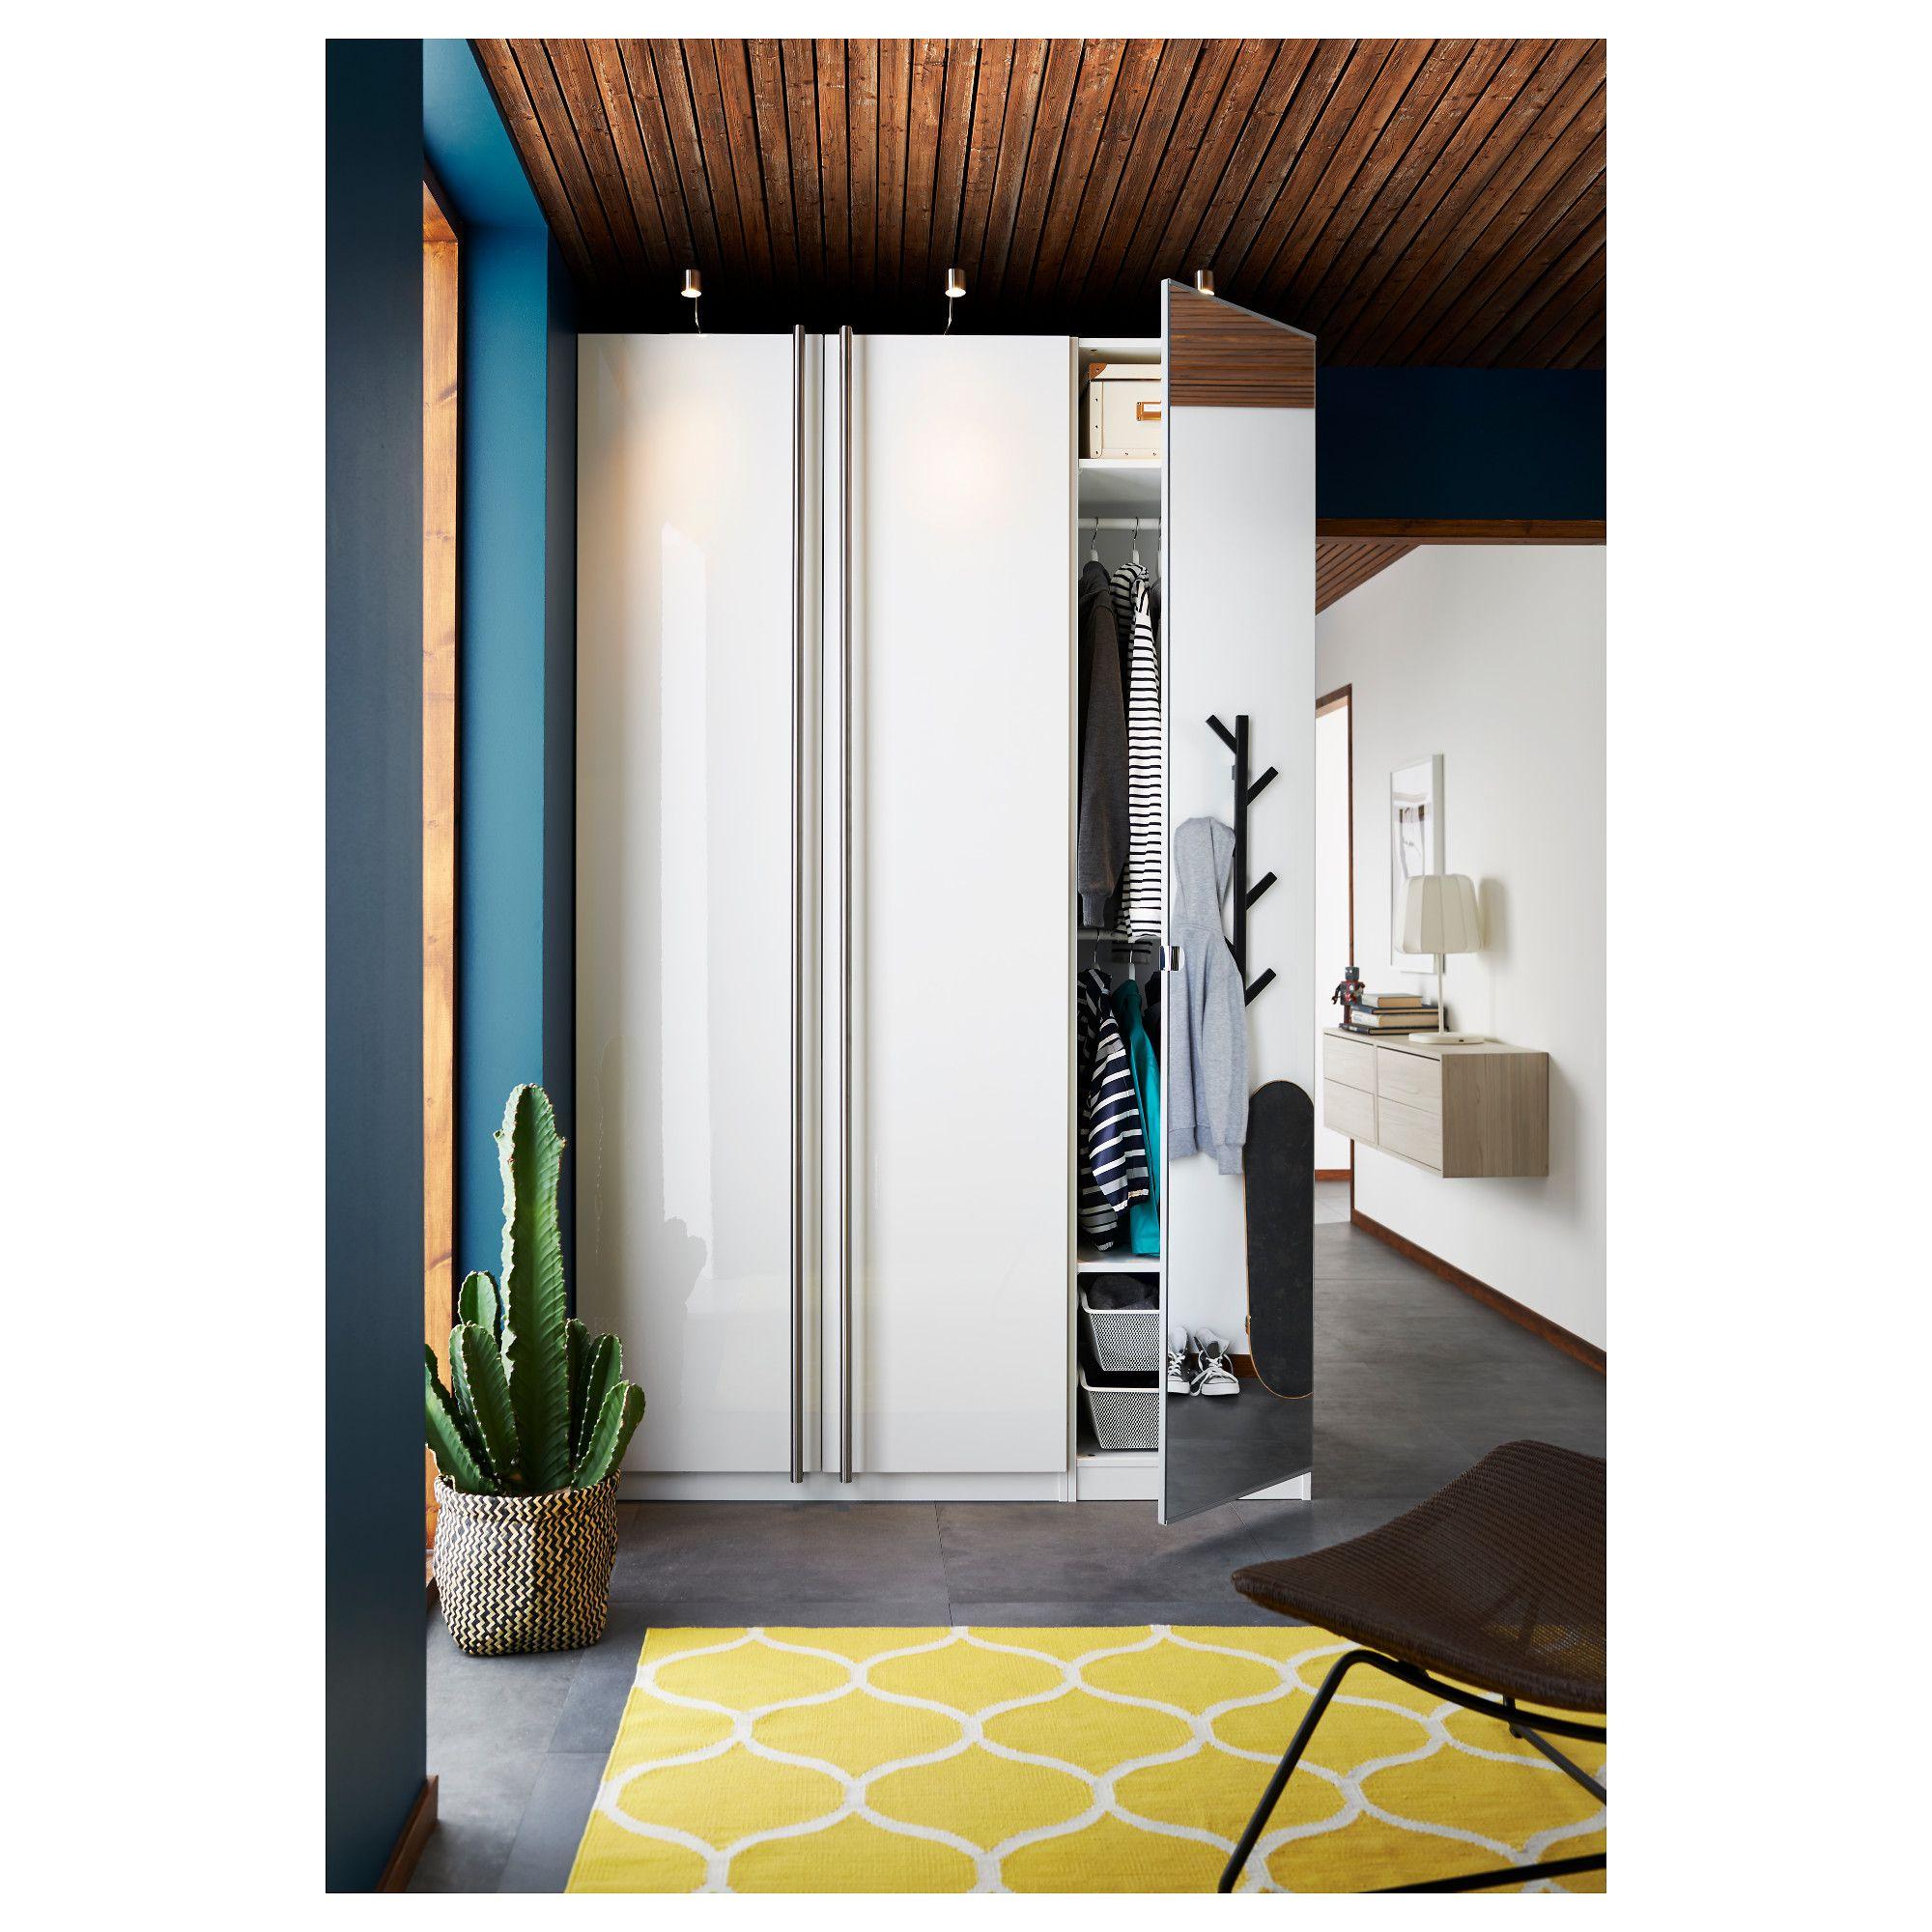 Ikea Tiroir Armoire Pax armoire penderie design - kumpalo.parkersydnorhistoric